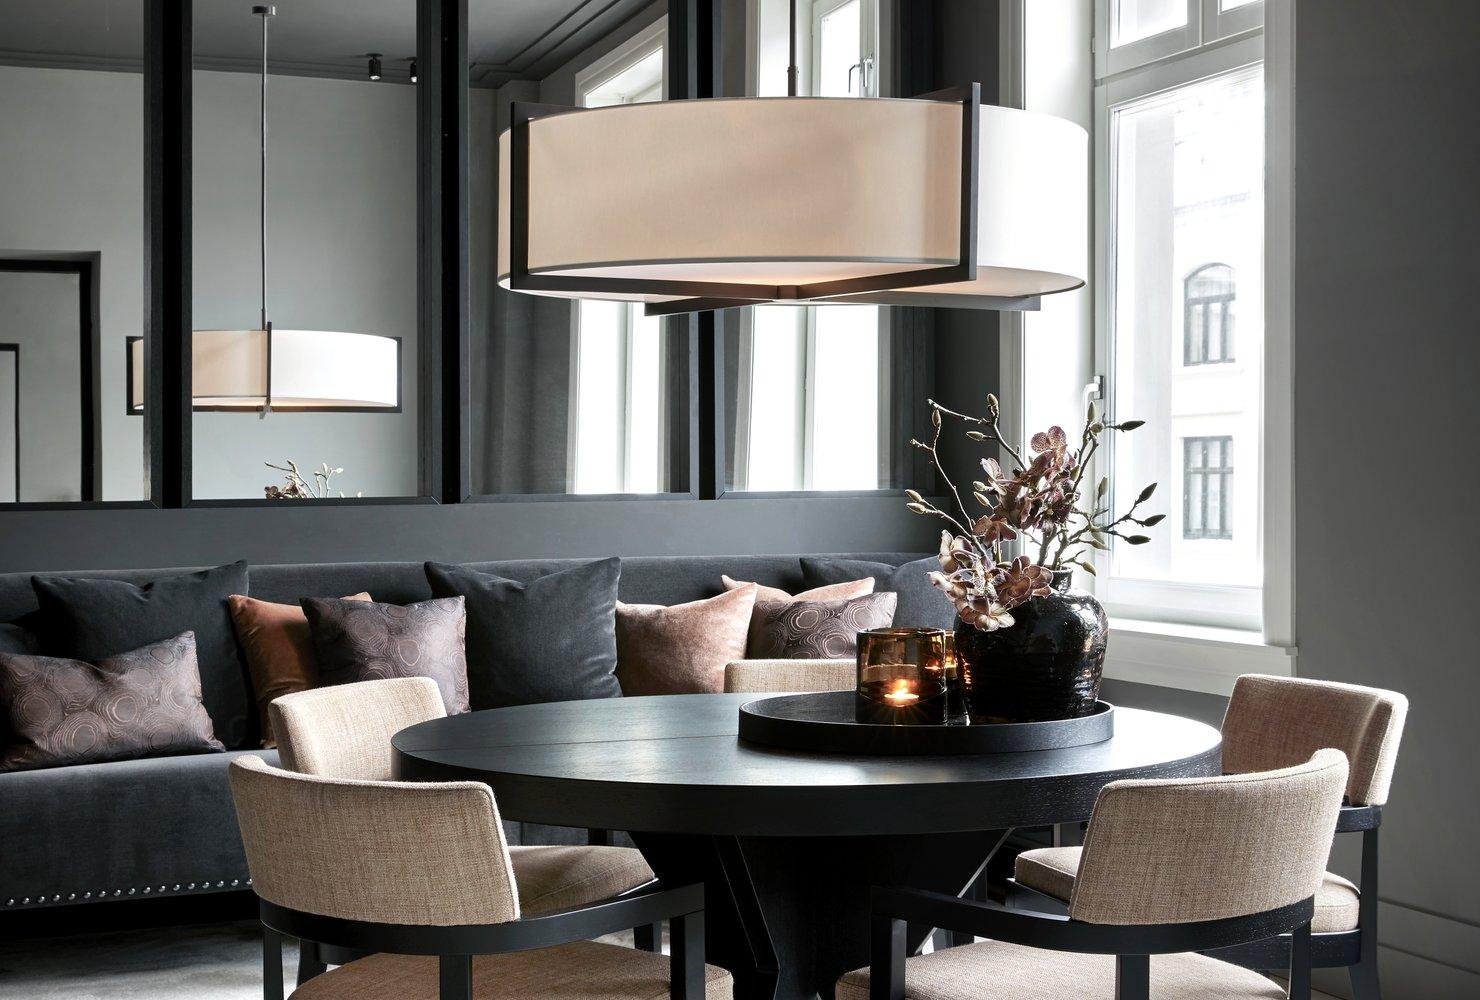 Sana taklampe er en ekstra raus taklampe i børstet bronse.